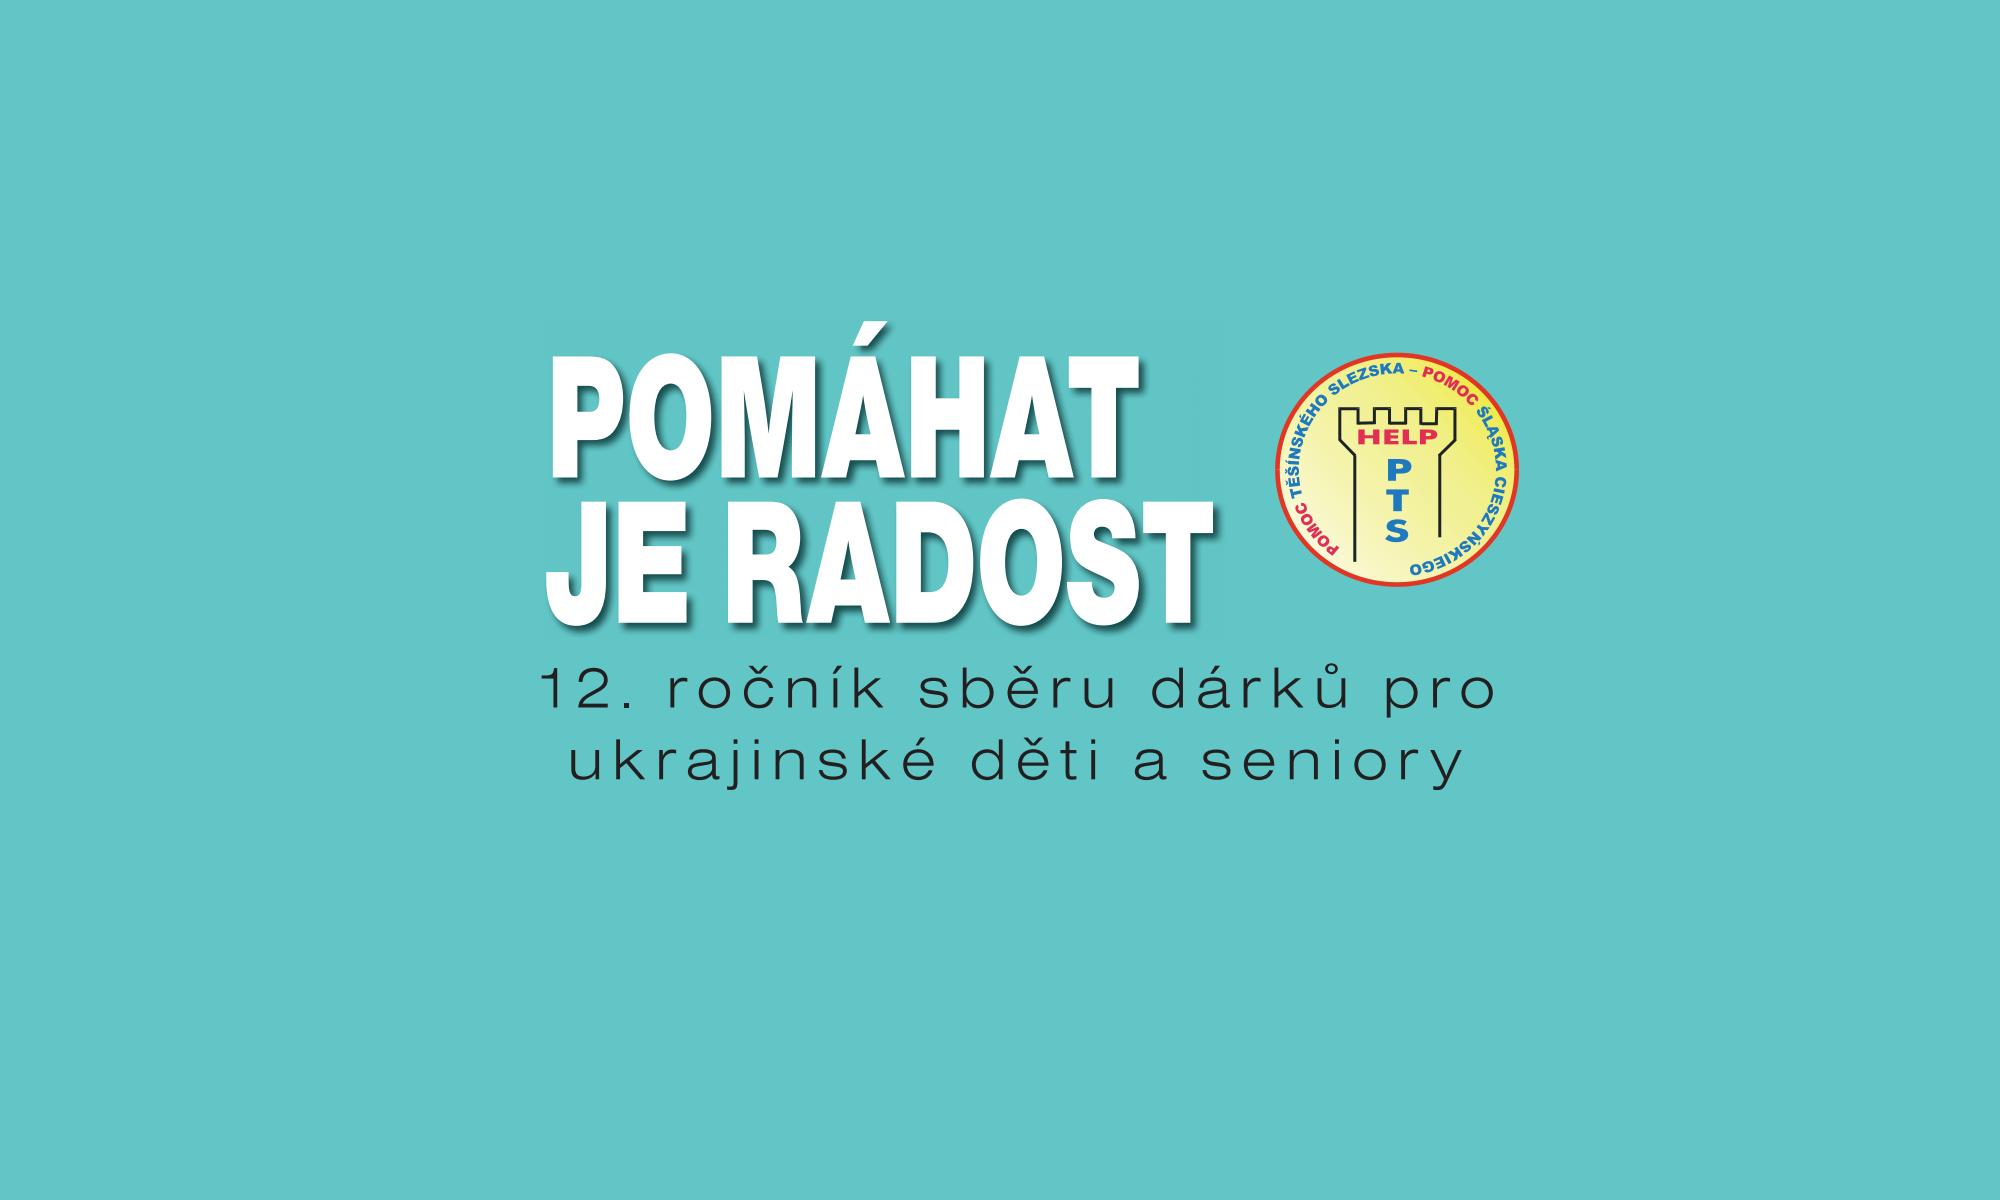 Pomoc Těšínského Slezska